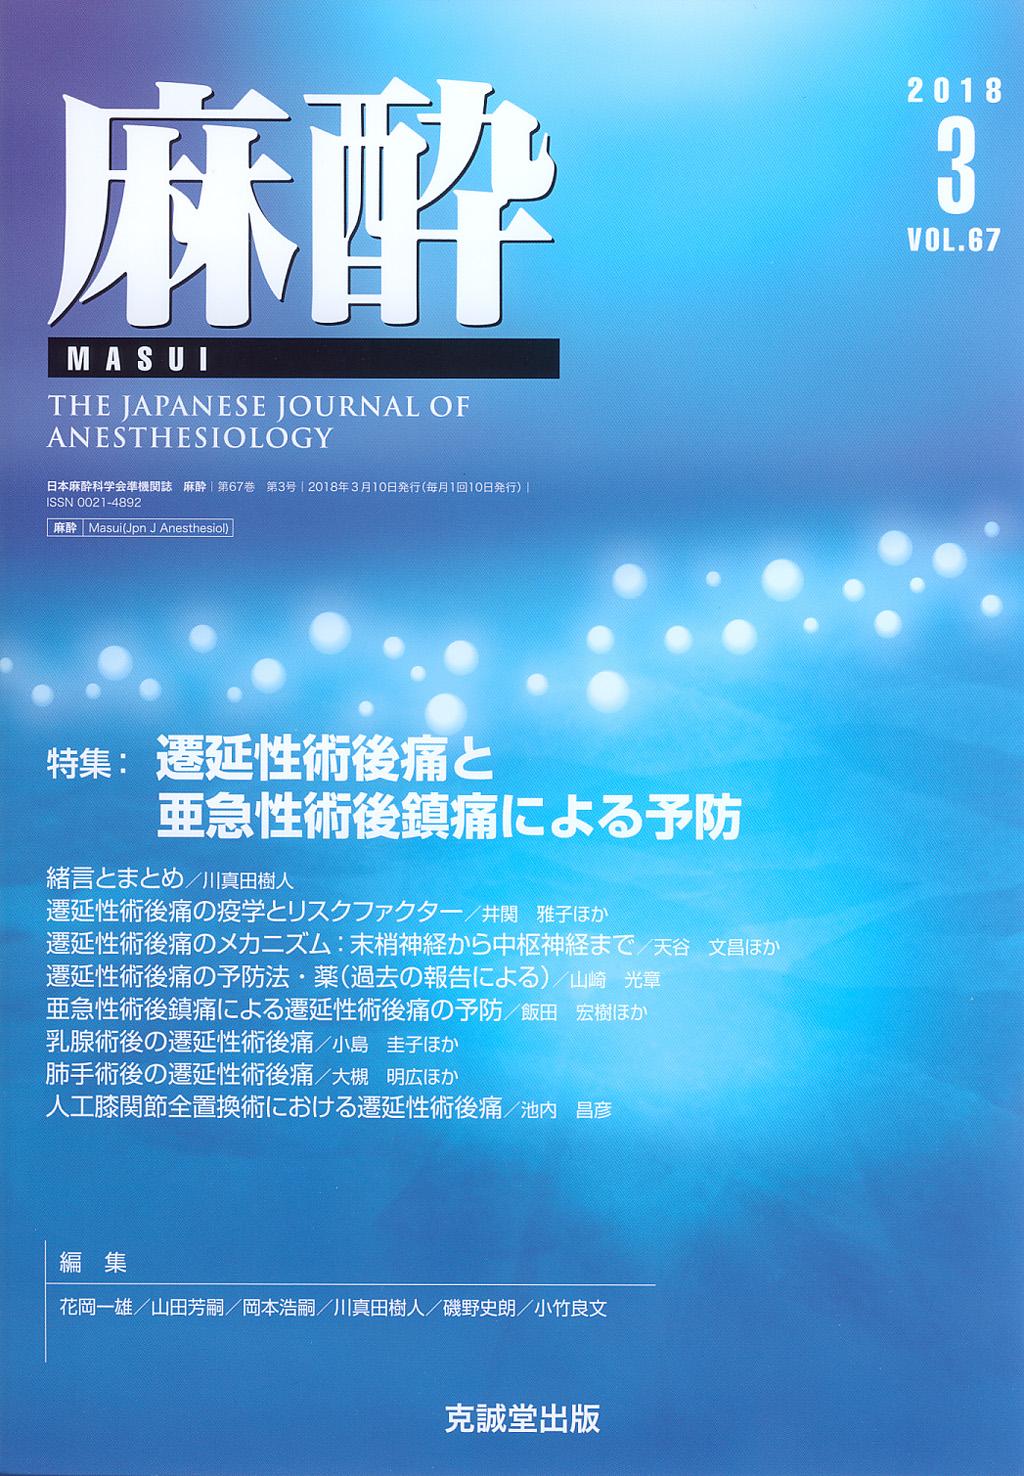 麻酔 第67巻第3号(2018年3月号)